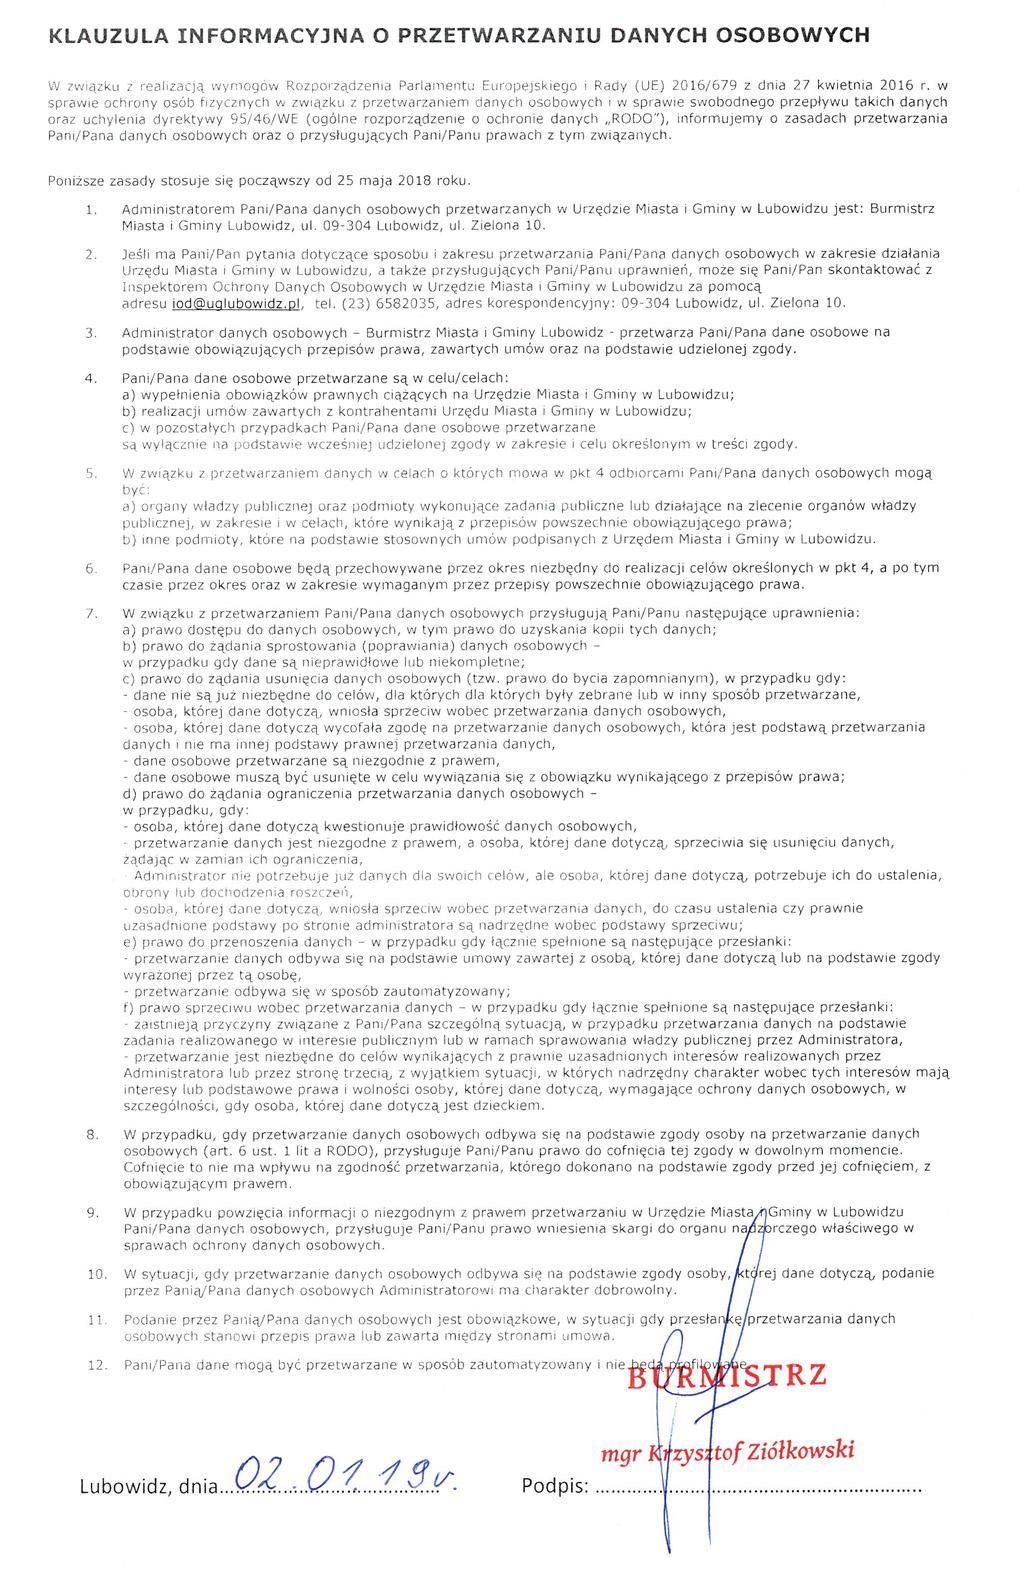 Informacje Podstawowe Urząd Miasta I Gminy W Lubowidzu